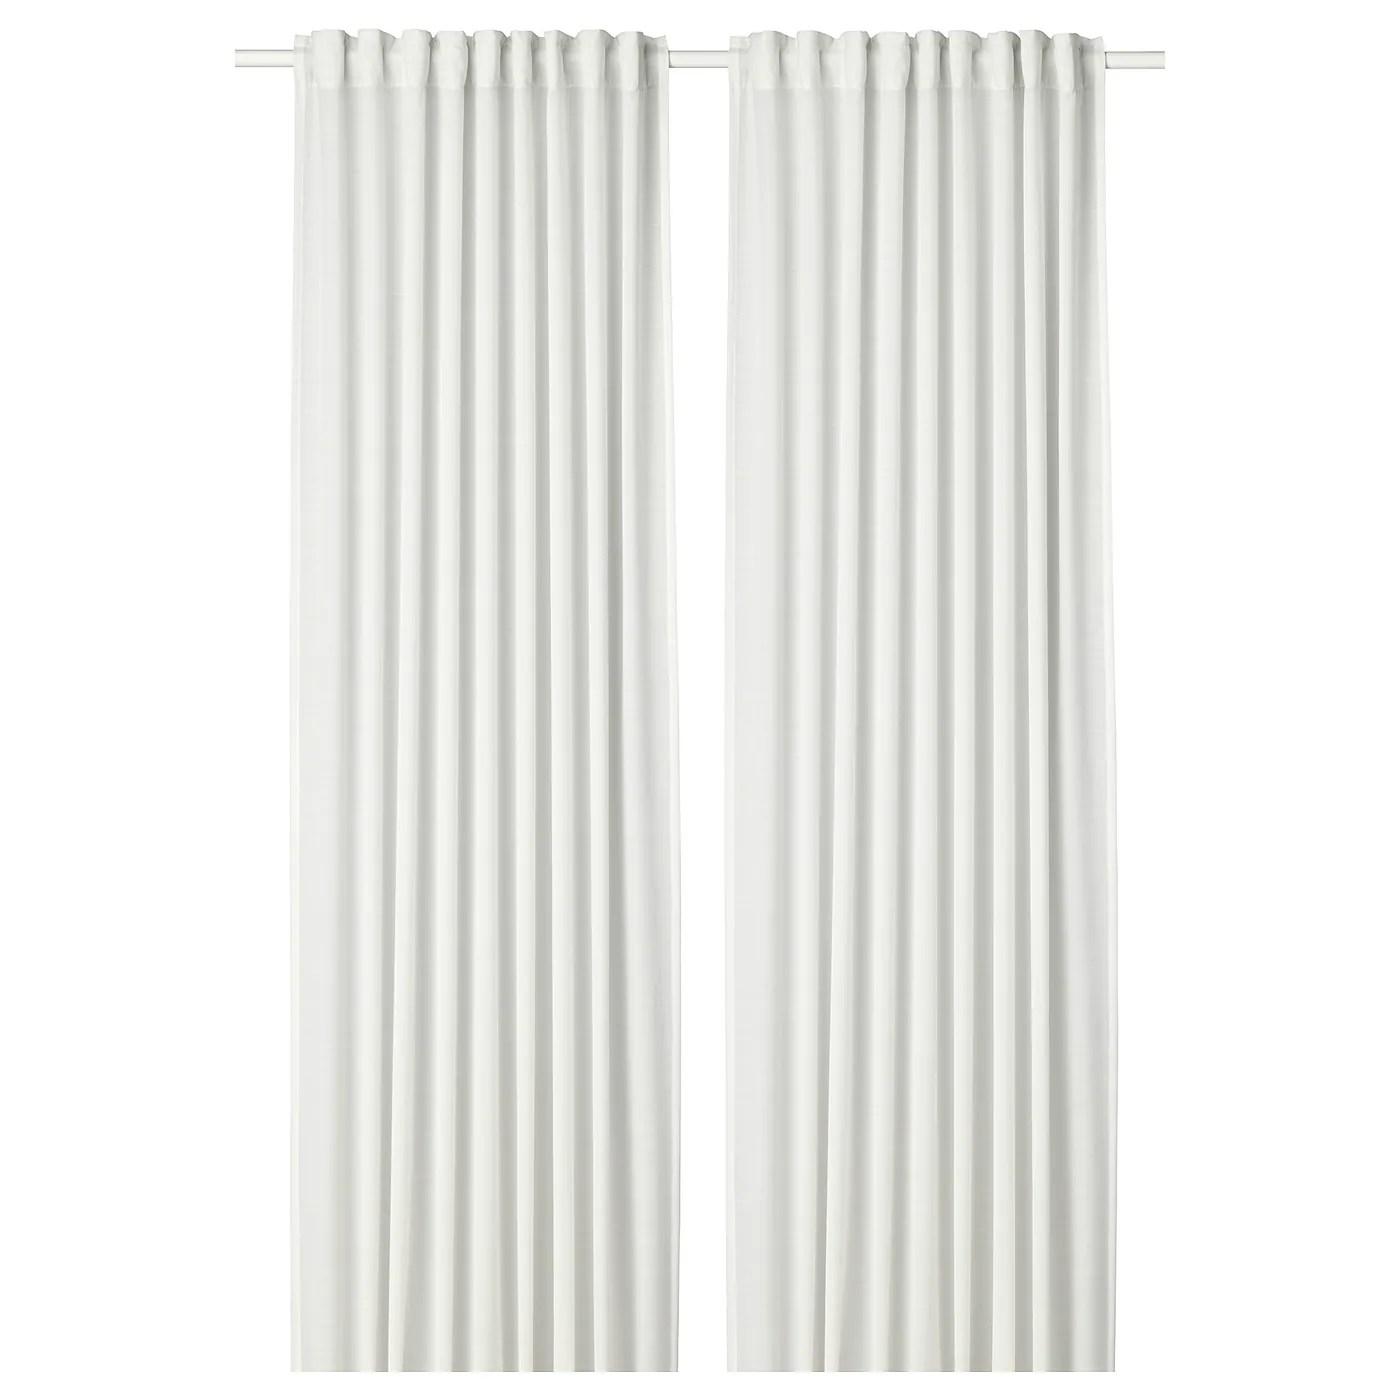 Dare una nuova veste al soggiorno cambiando le tende a un prezzo contenuto? Tende Per Interni Ikea It